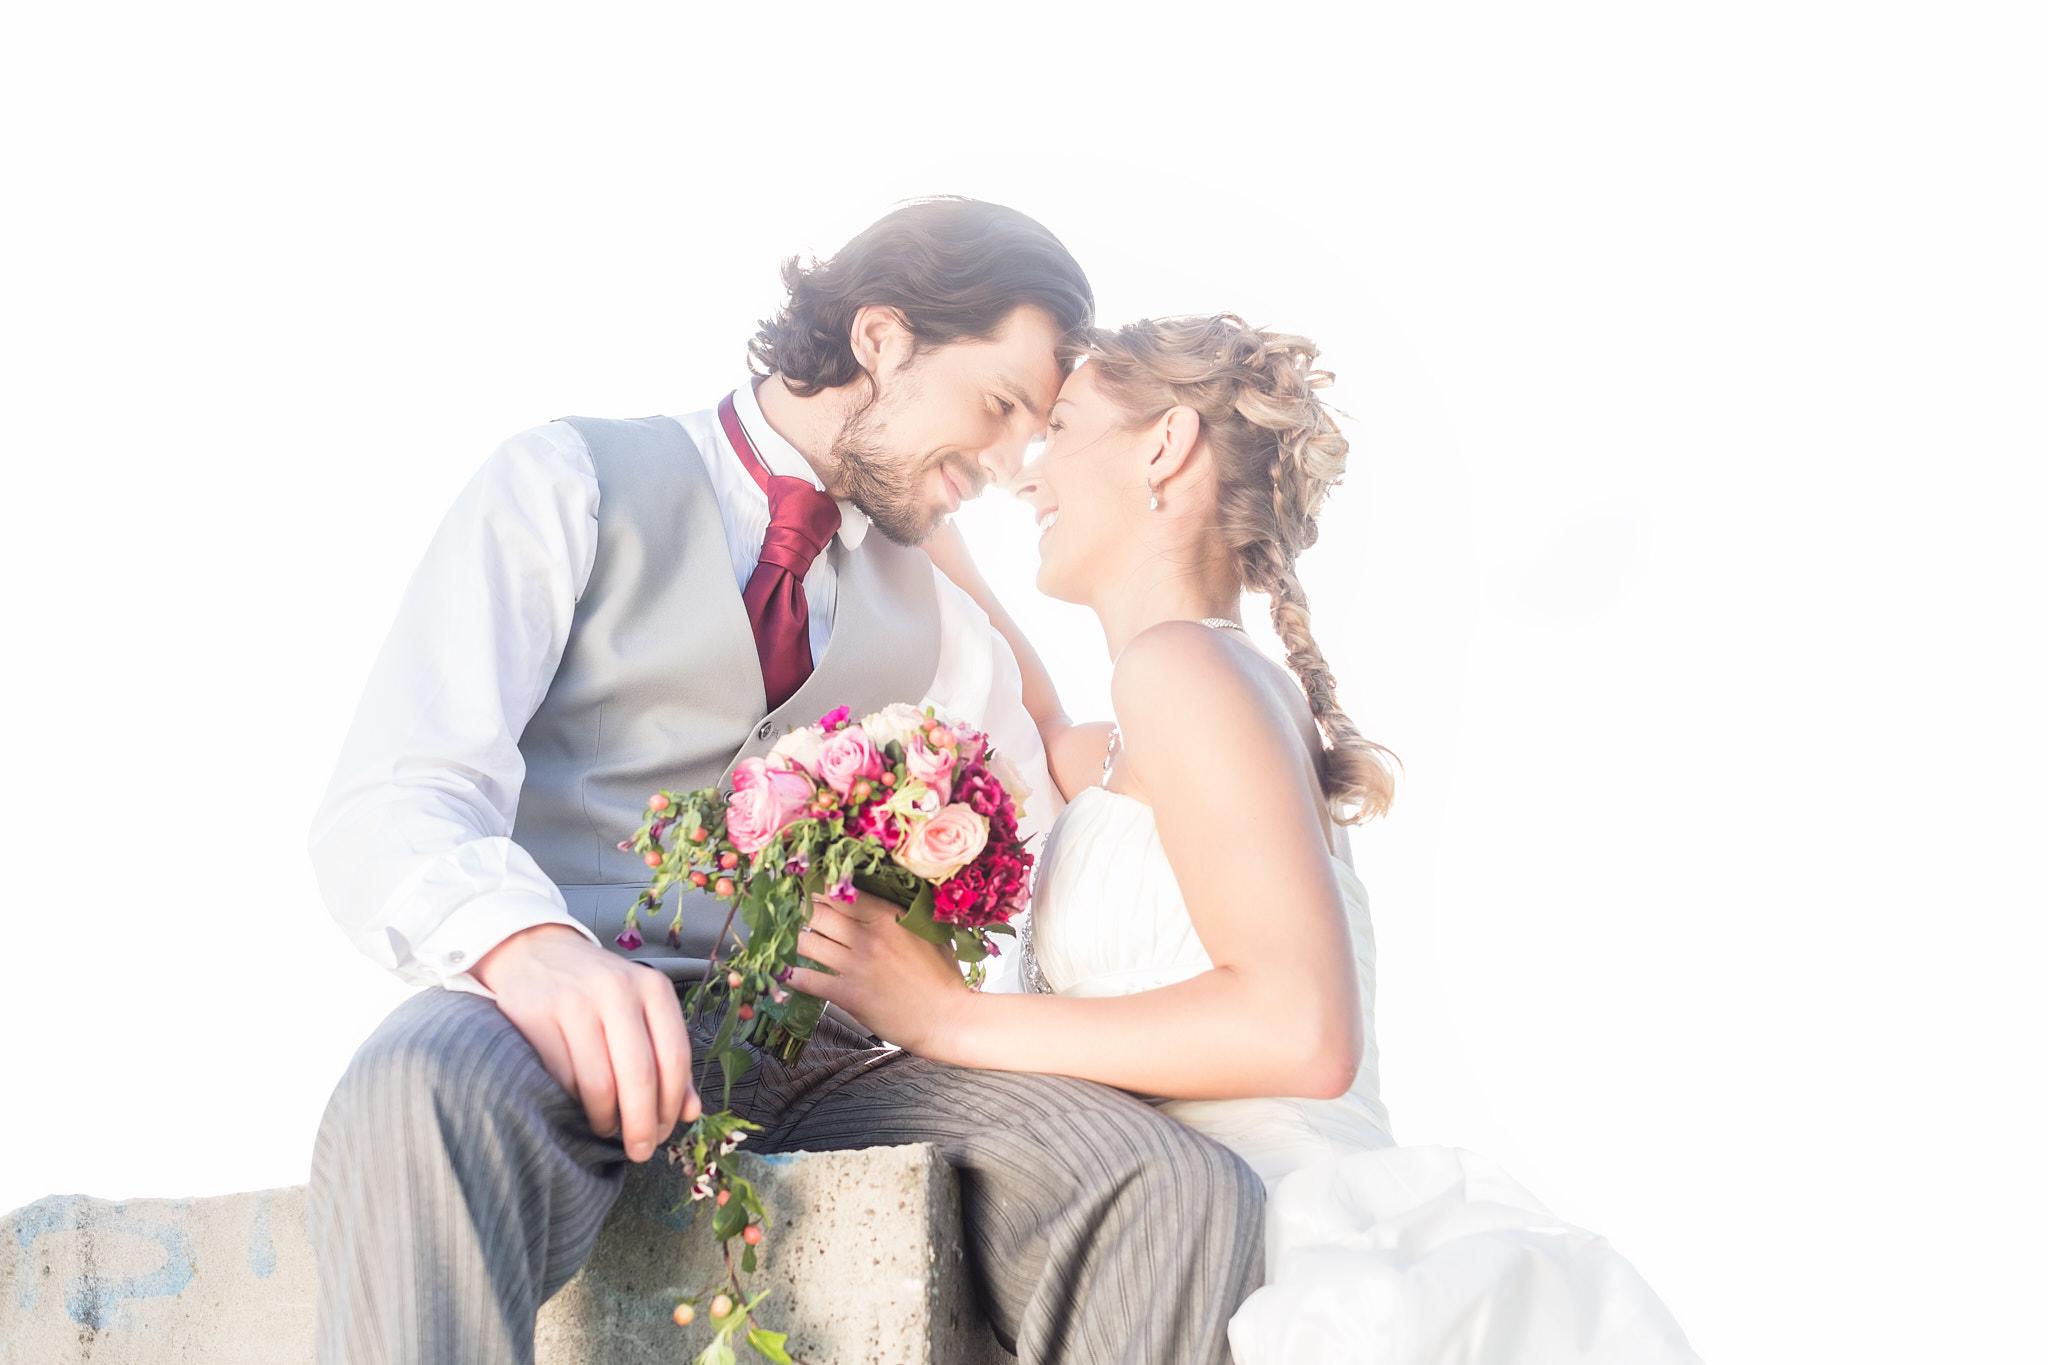 matrimonio rid 0_57